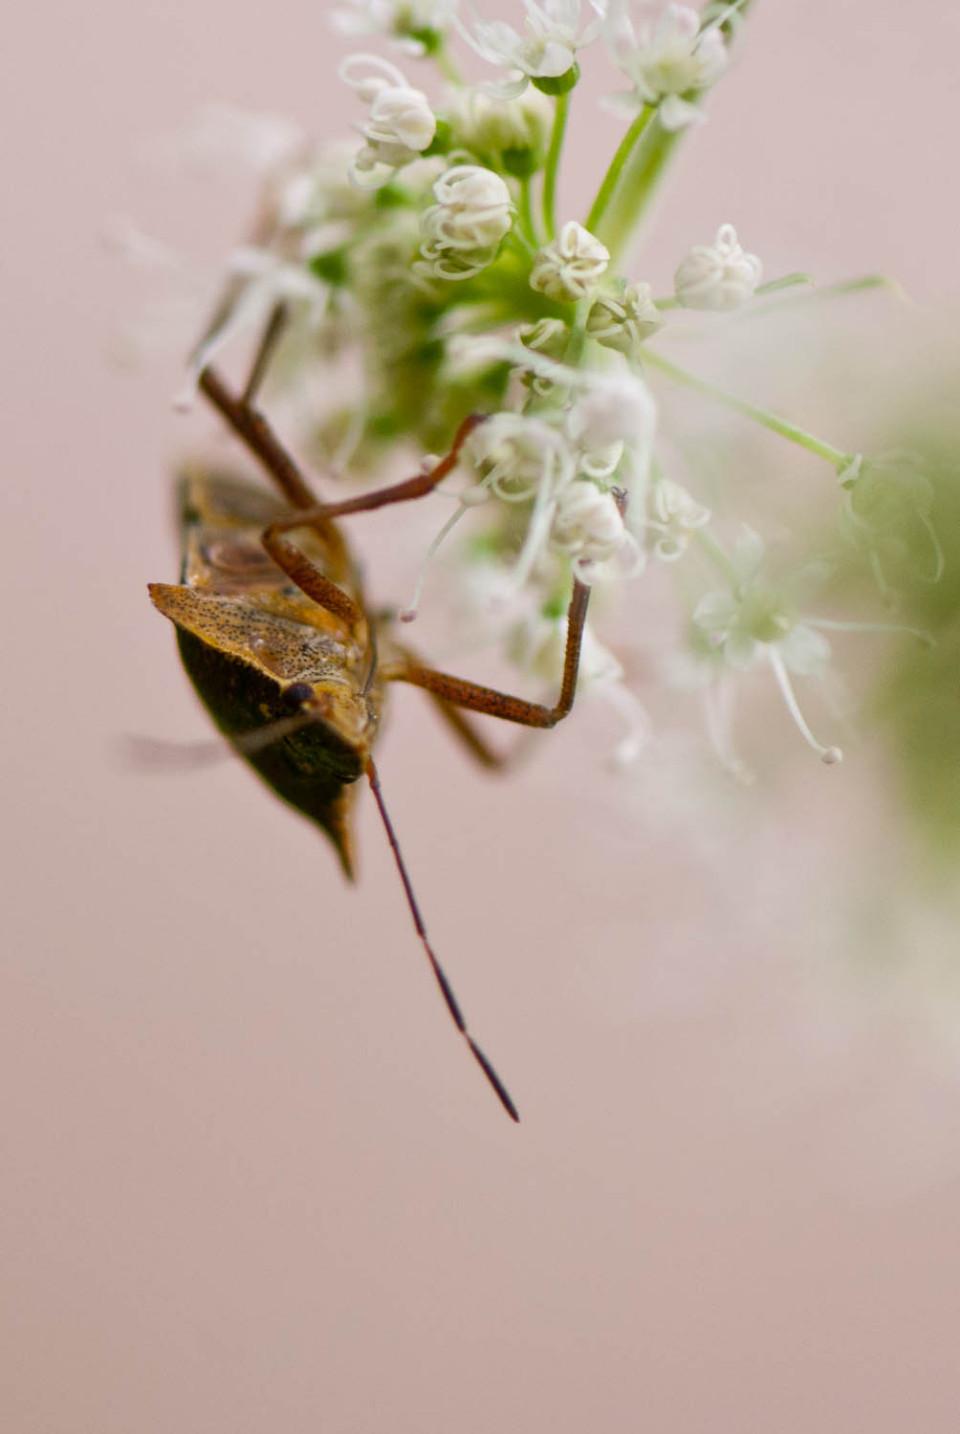 Forest Shieldbug (Pentatoma rufipes)